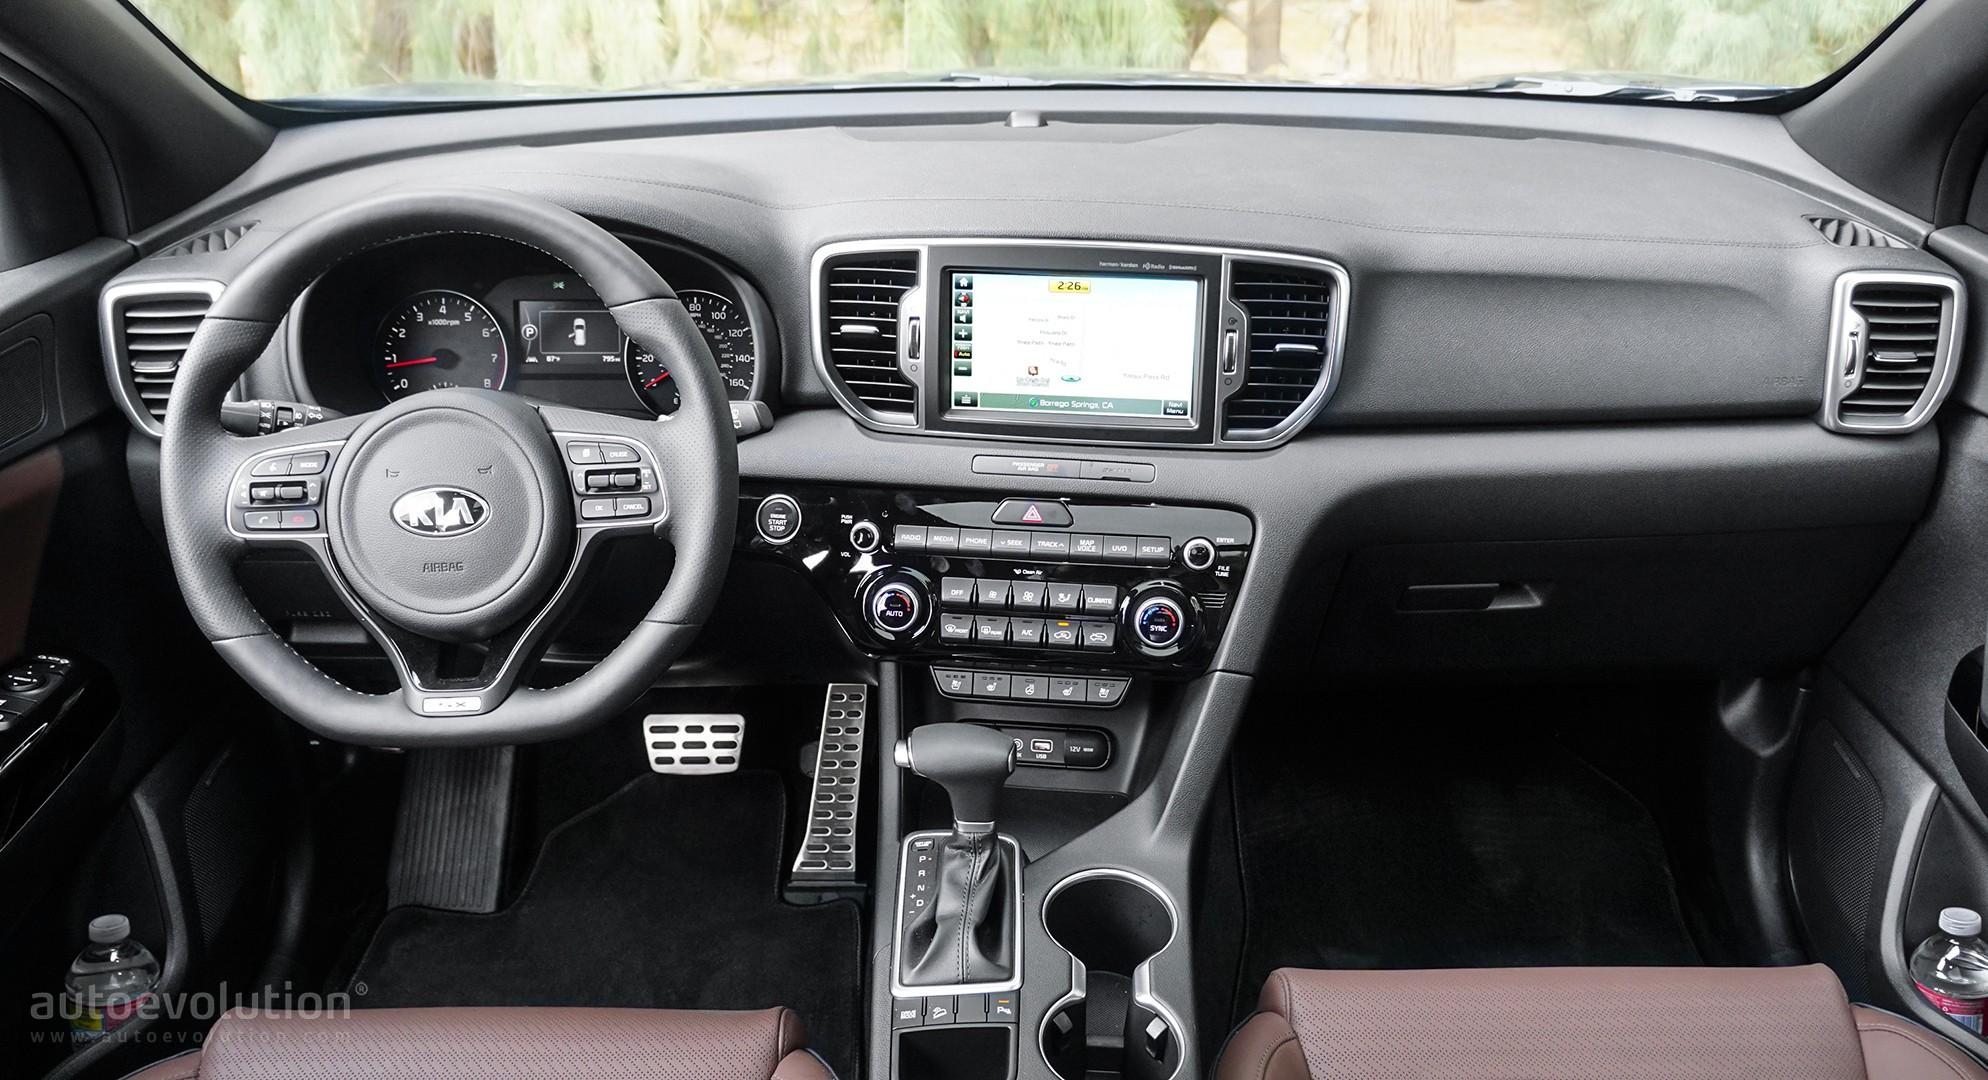 2017 Kia Sportage Review Autoevolution